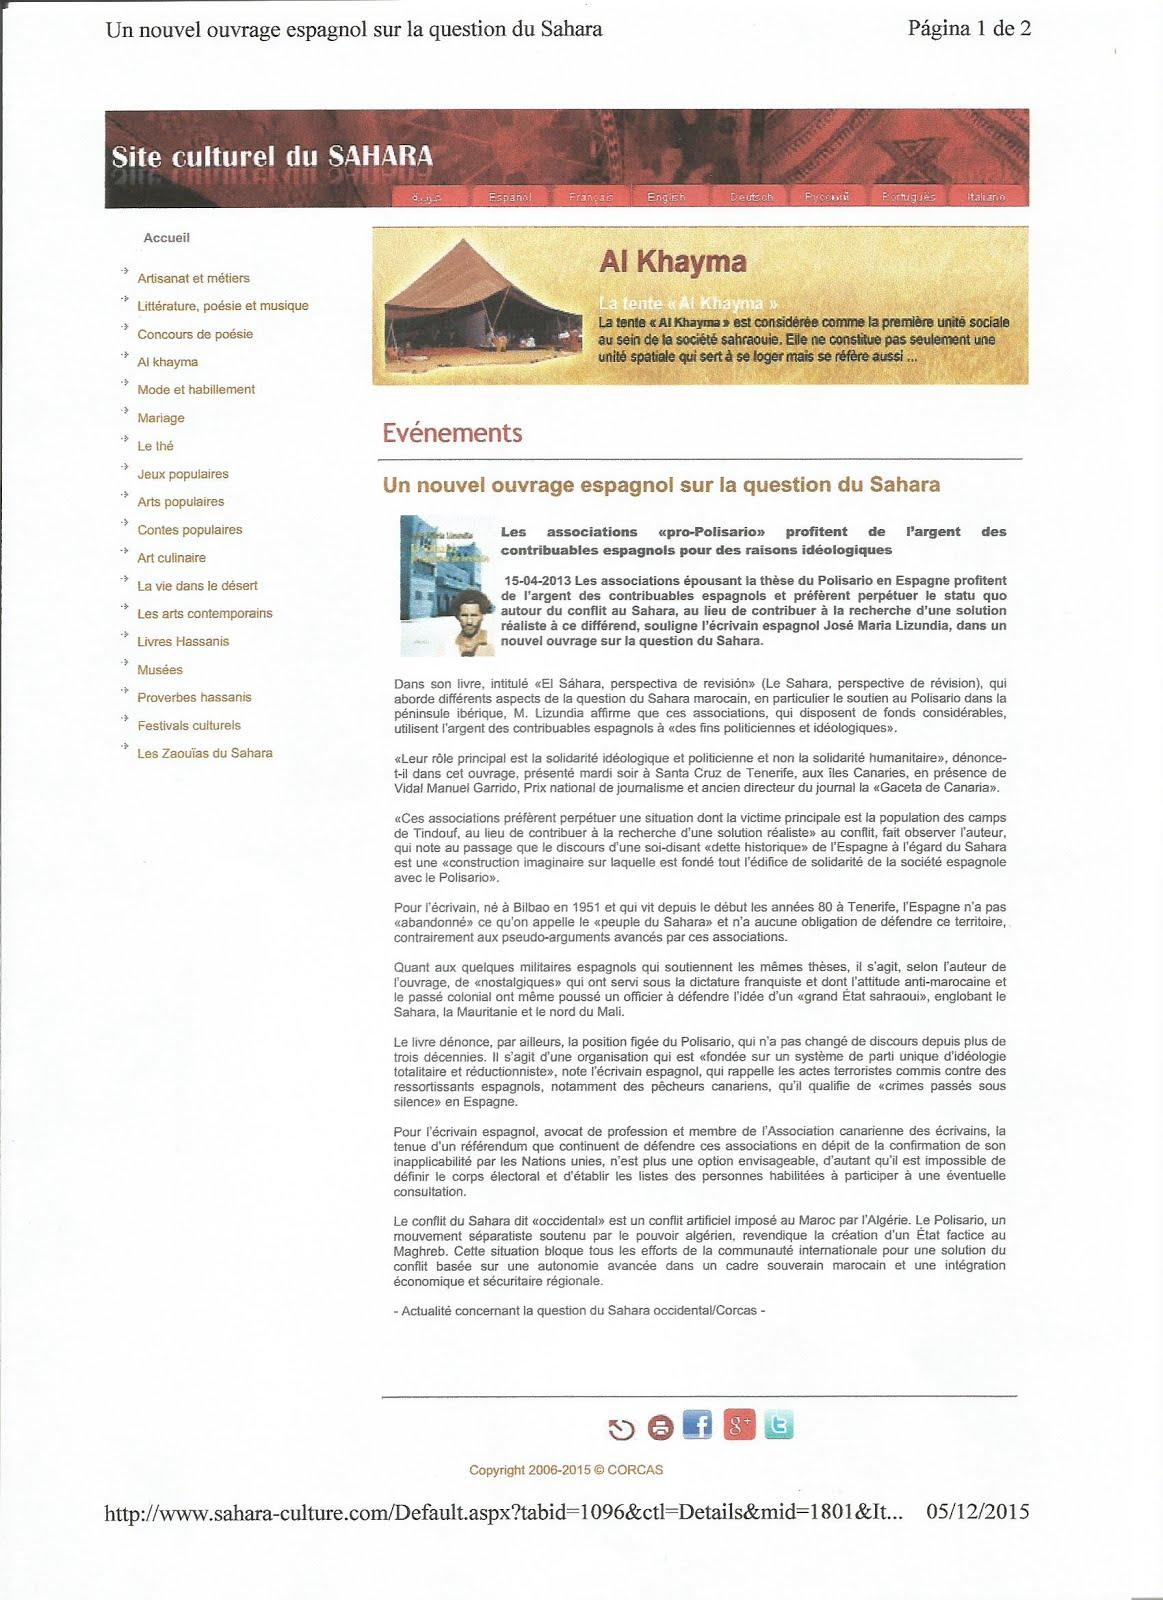 Site culturel du Sahara